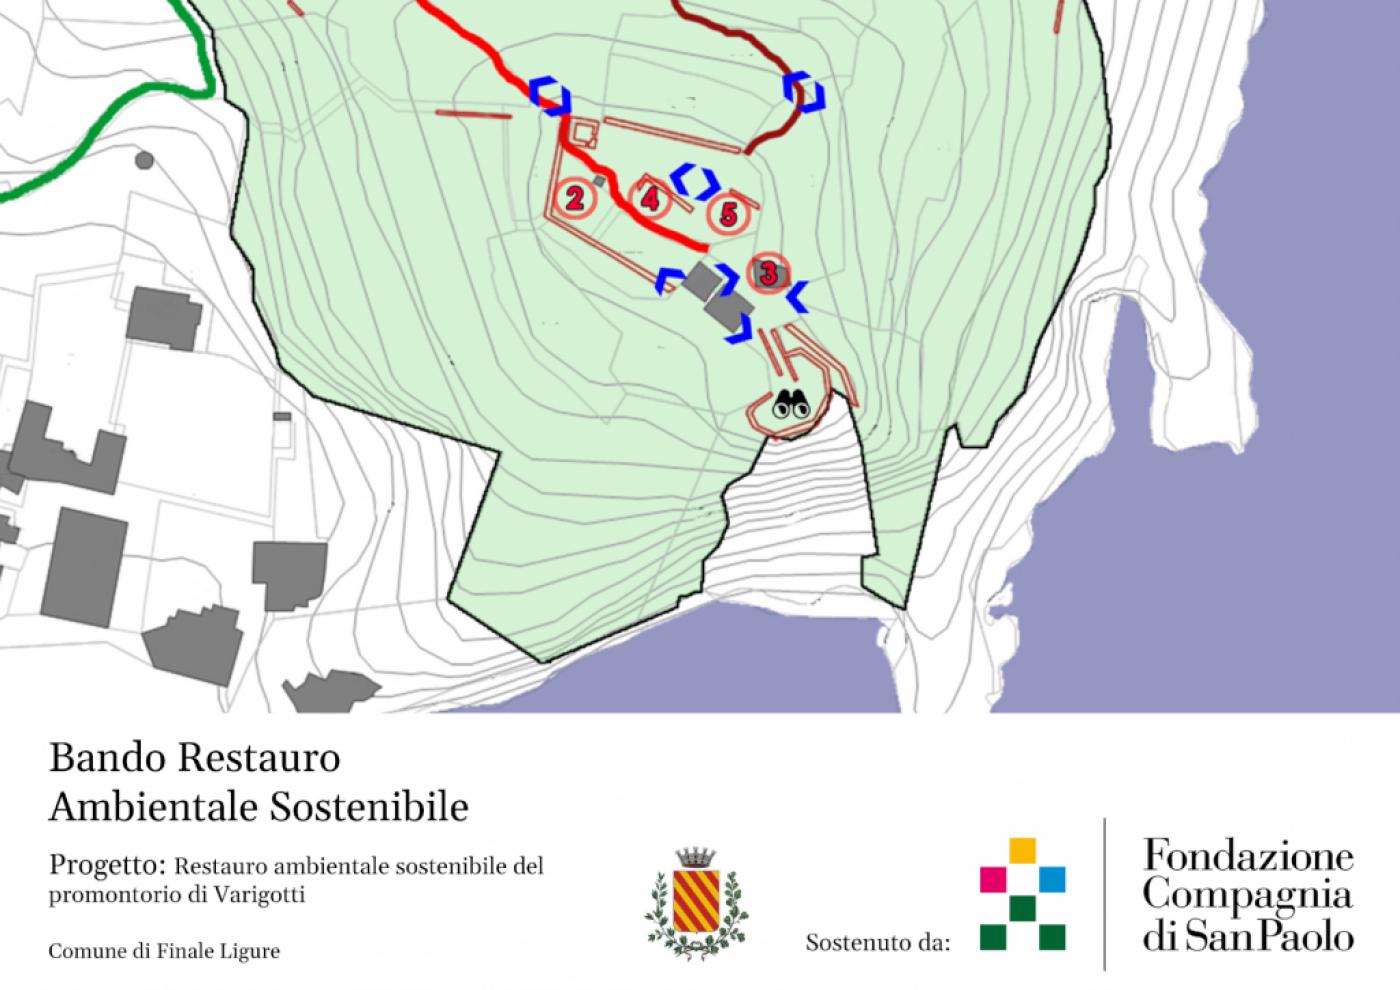 Progetto per il Restauro Ambientale Sostenibile del Promontorio di Varigotti